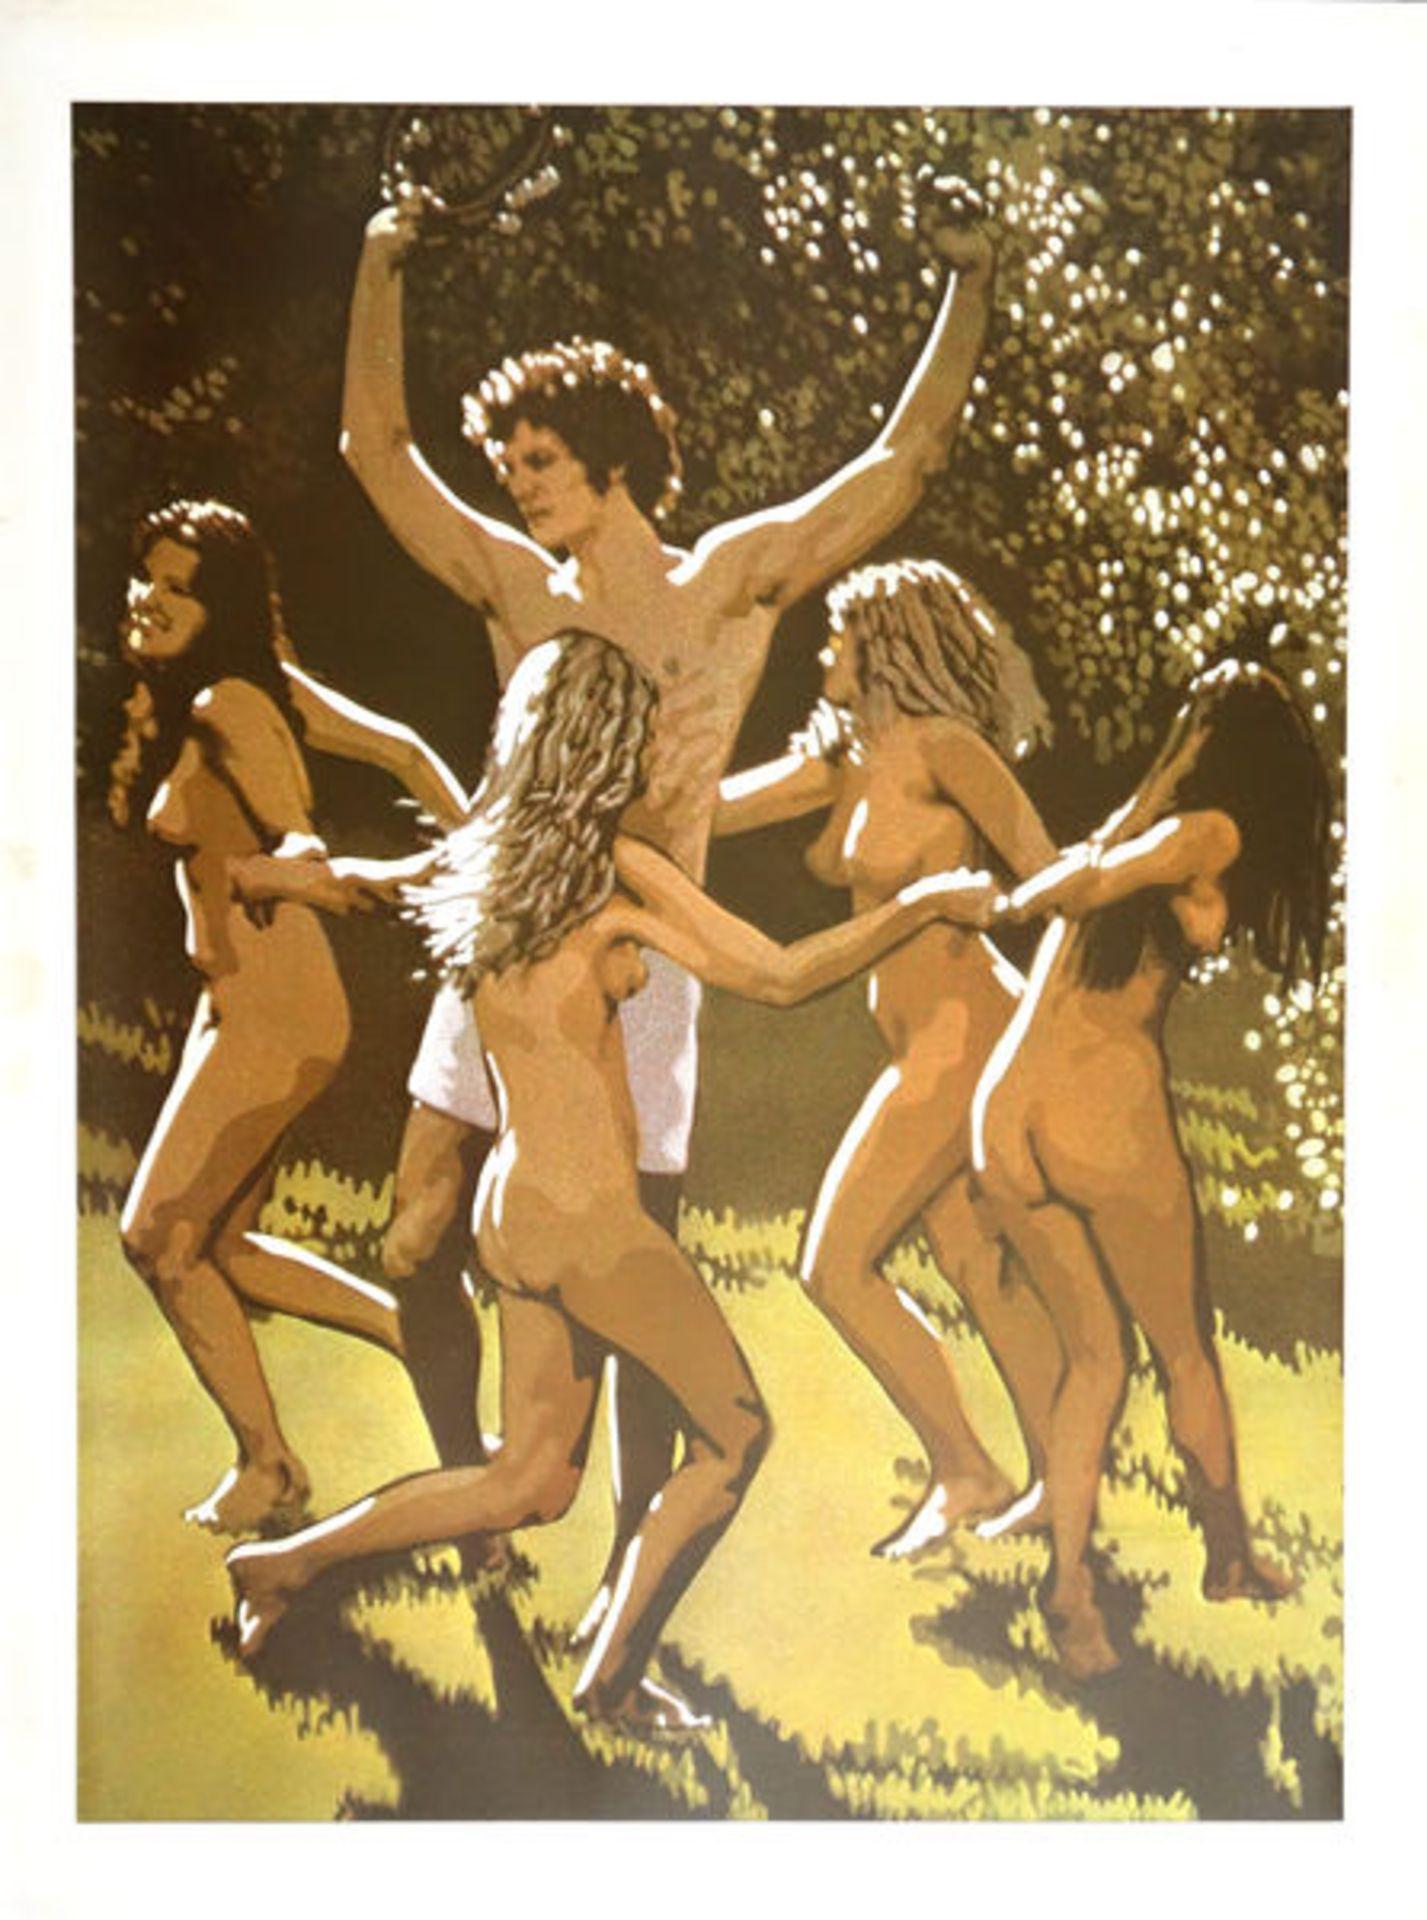 Clarke, John ClemFarbserigraphie auf Papier, 76,2 x 55,7 cmApoll und tanzende Nymphen (1970)Verso